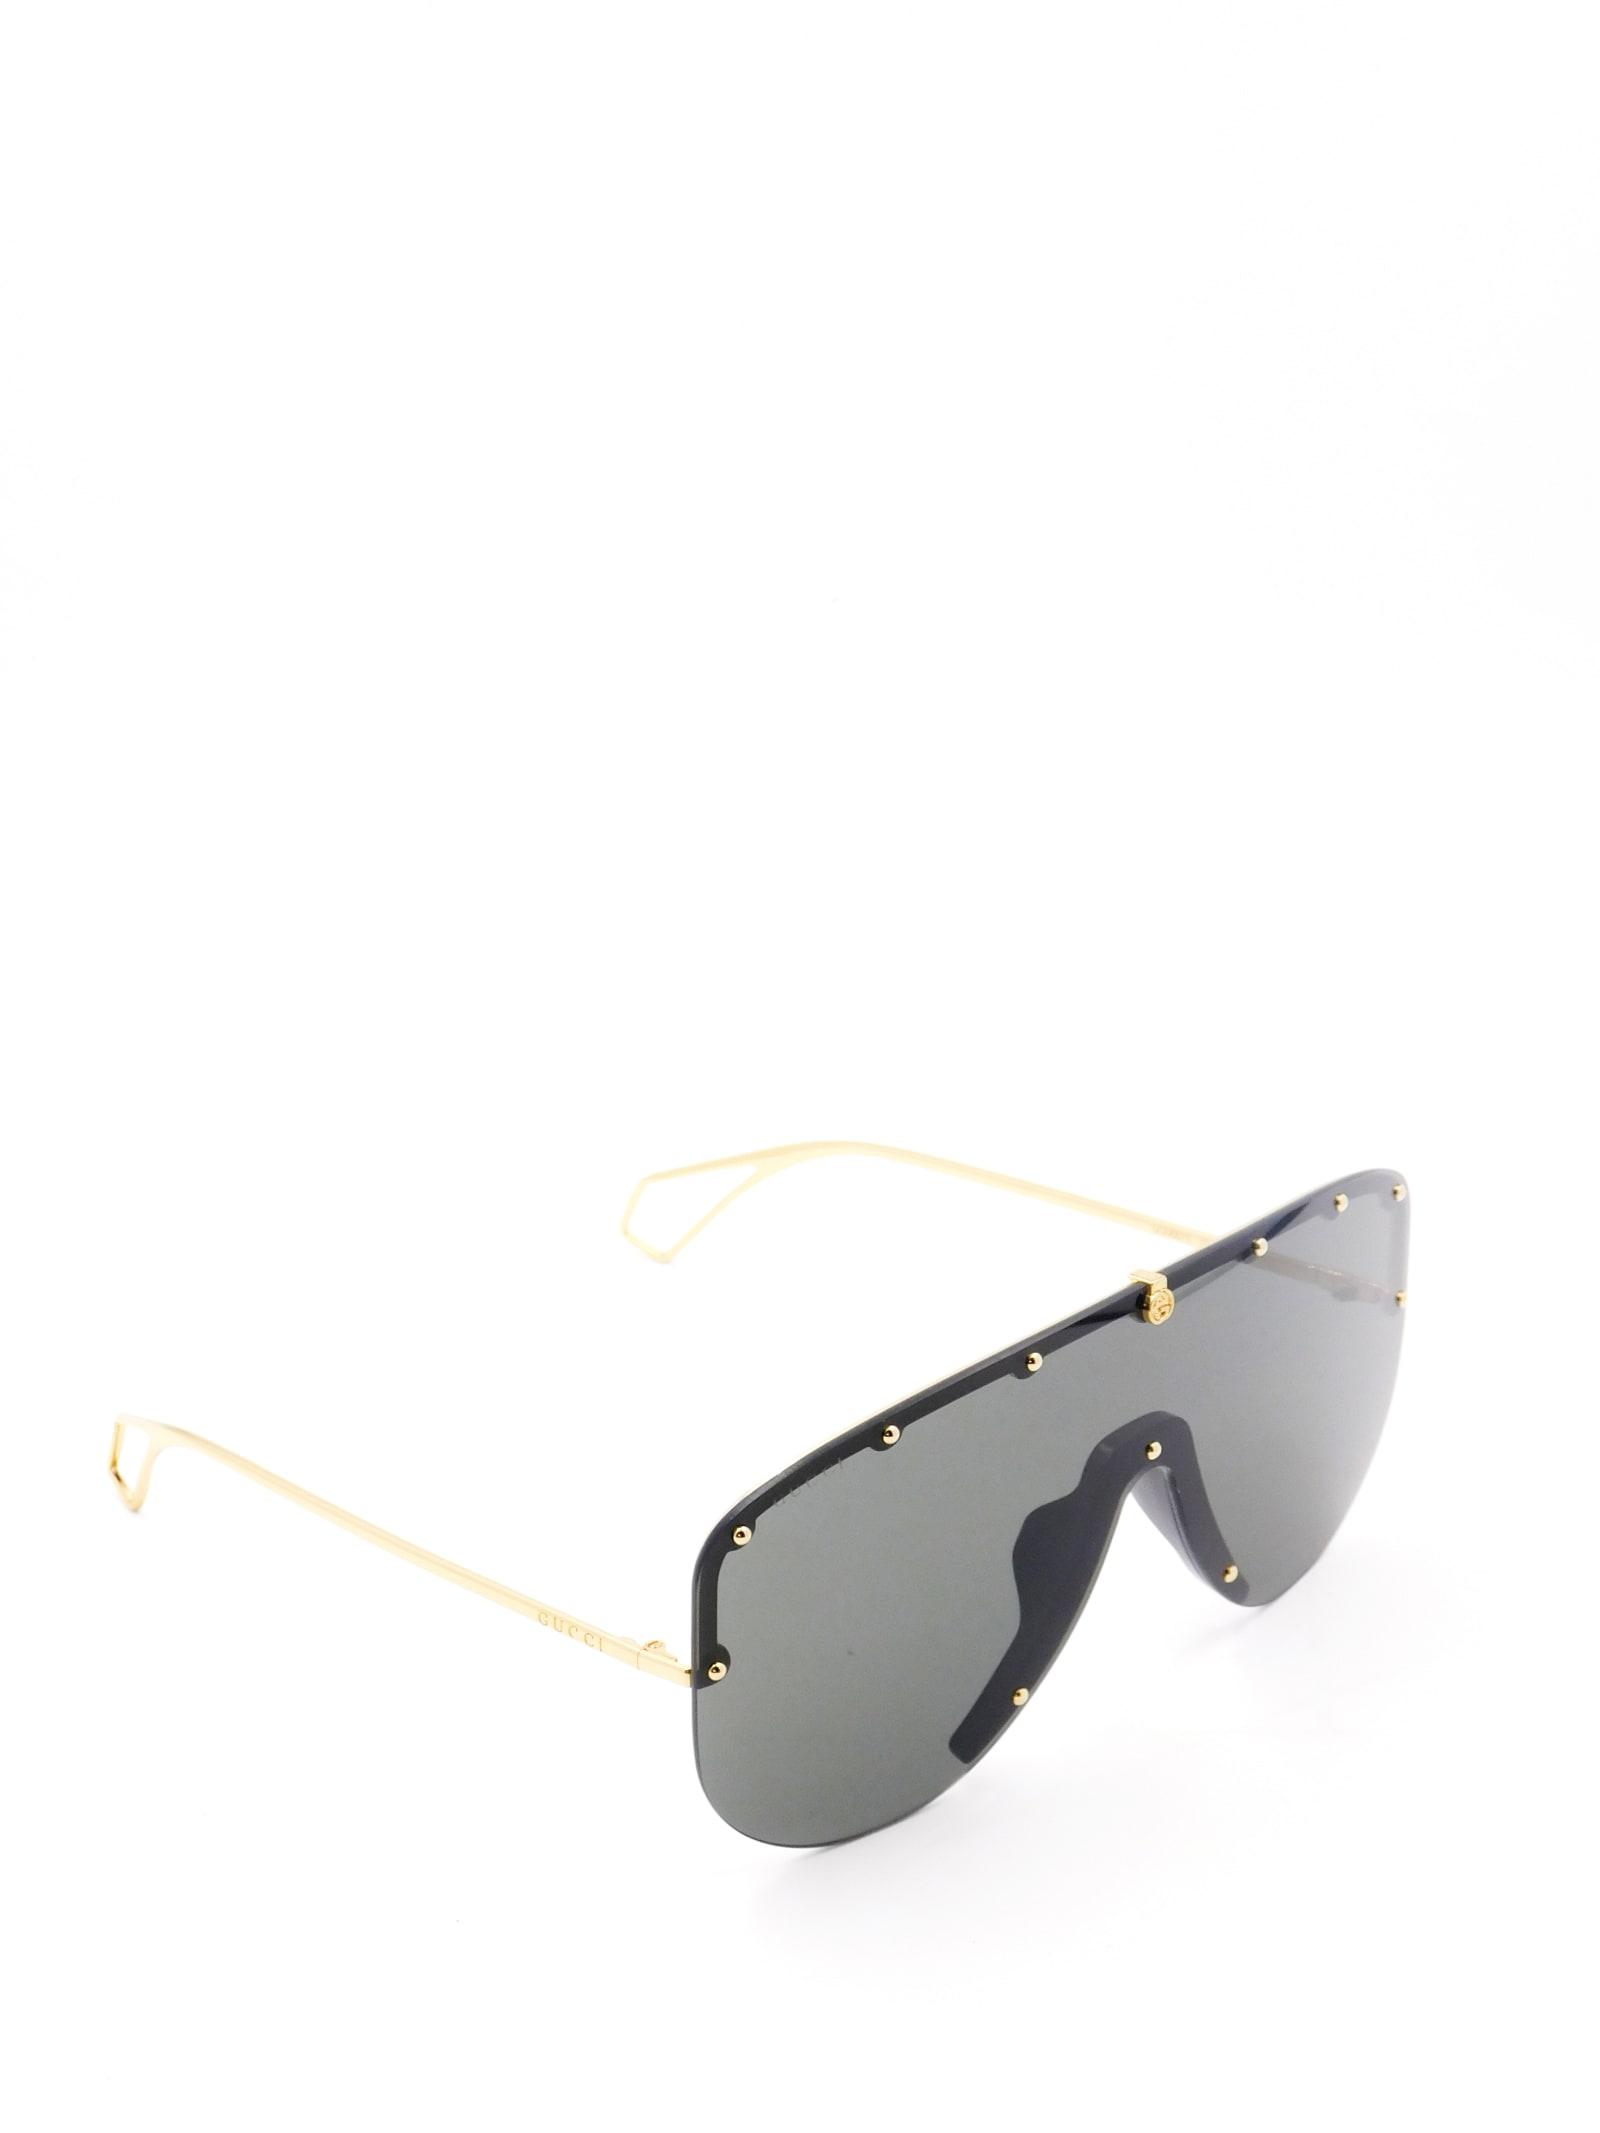 Gucci GG0667S Sunglasses